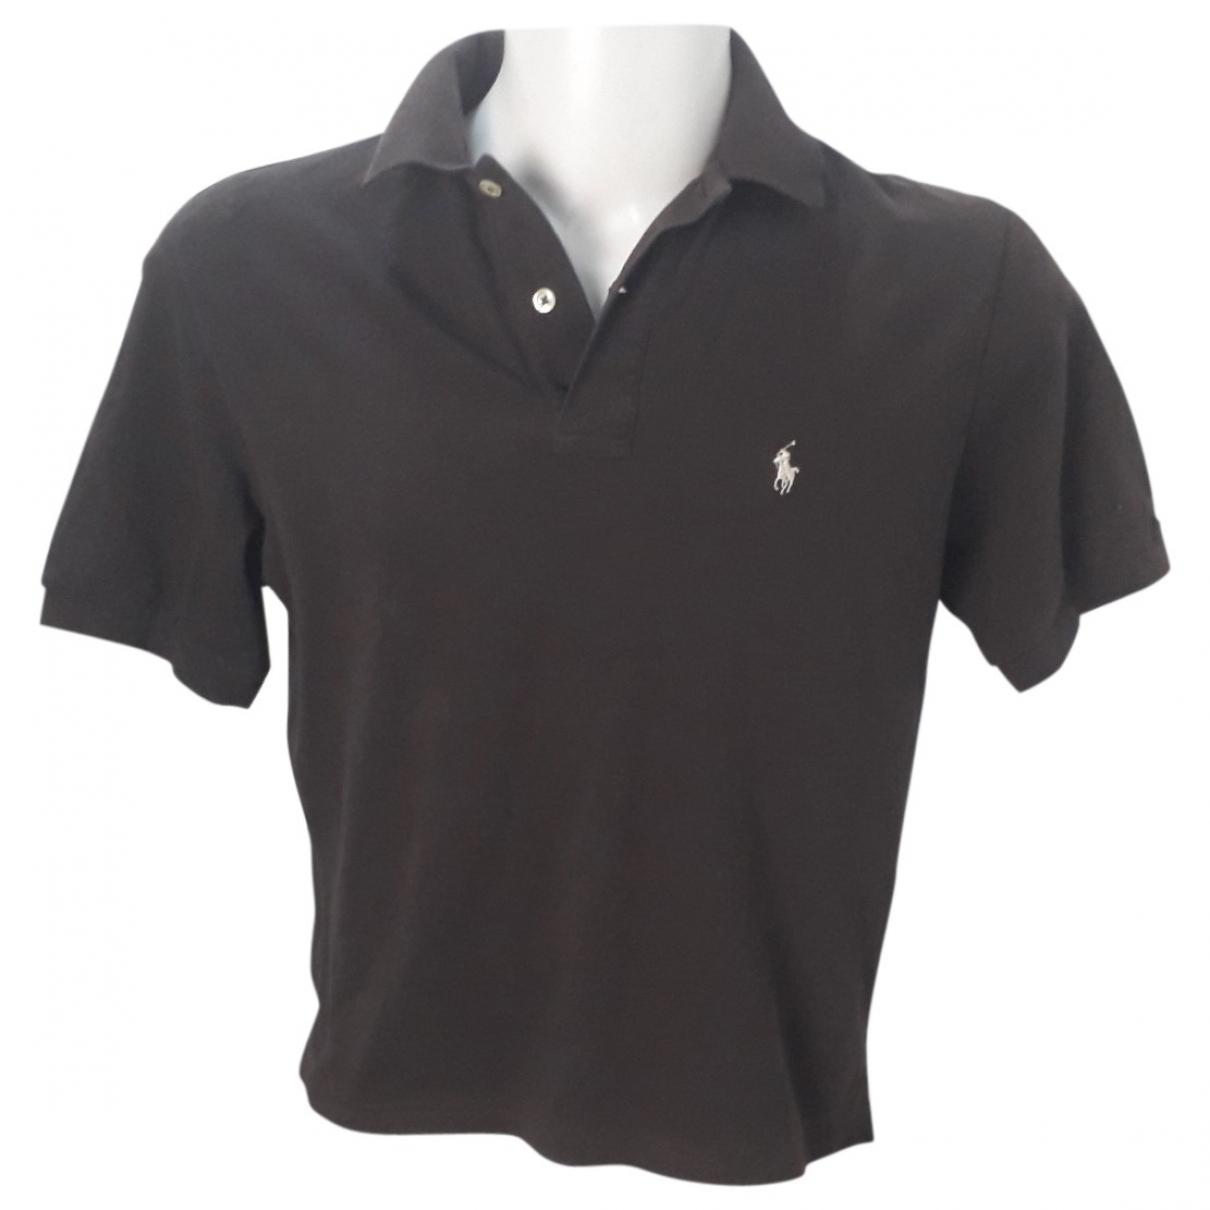 Polo Ralph Lauren - Polos   pour homme en coton - marron